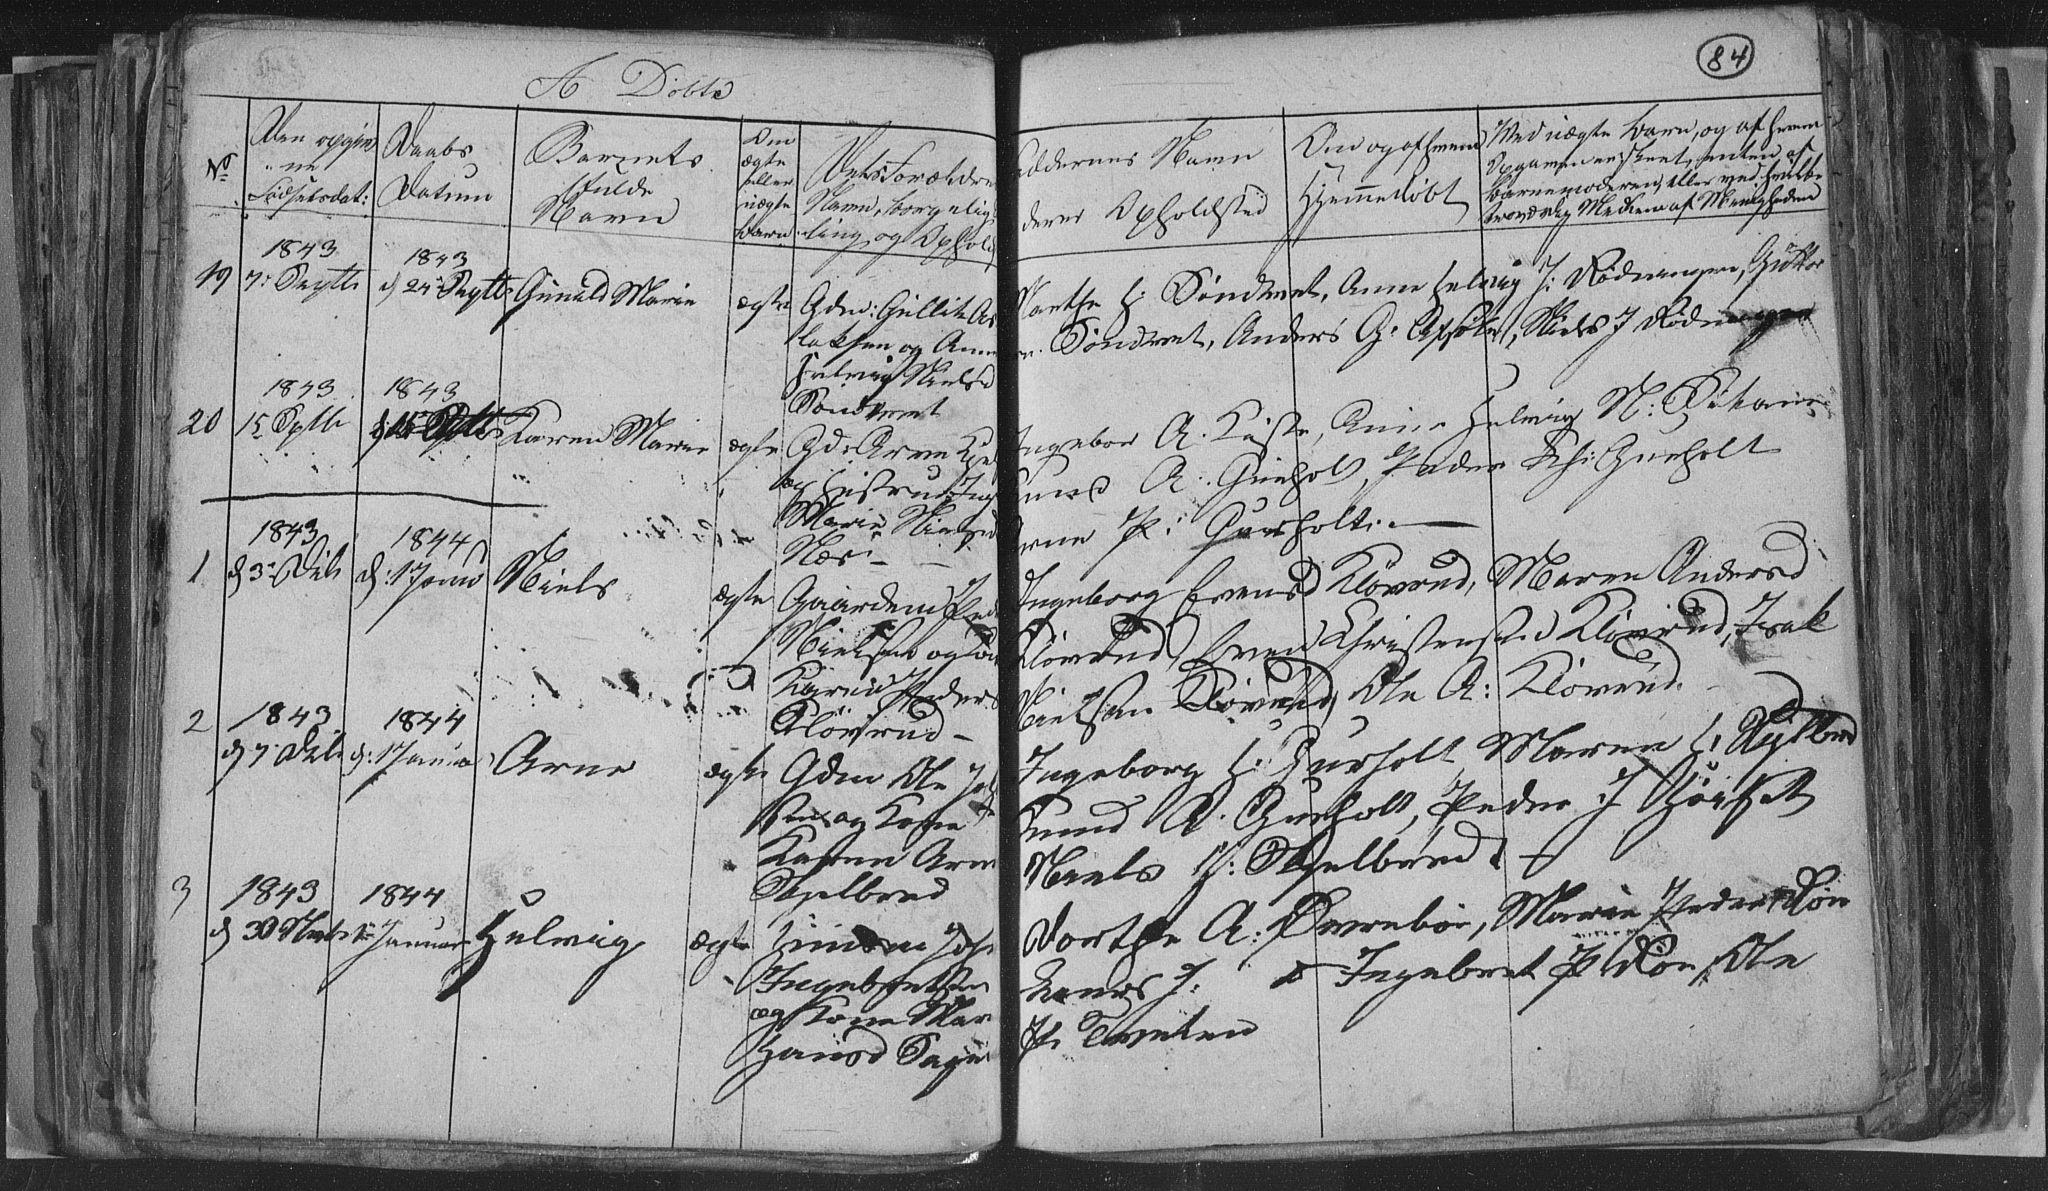 SAKO, Siljan kirkebøker, G/Ga/L0001: Klokkerbok nr. 1, 1827-1847, s. 84